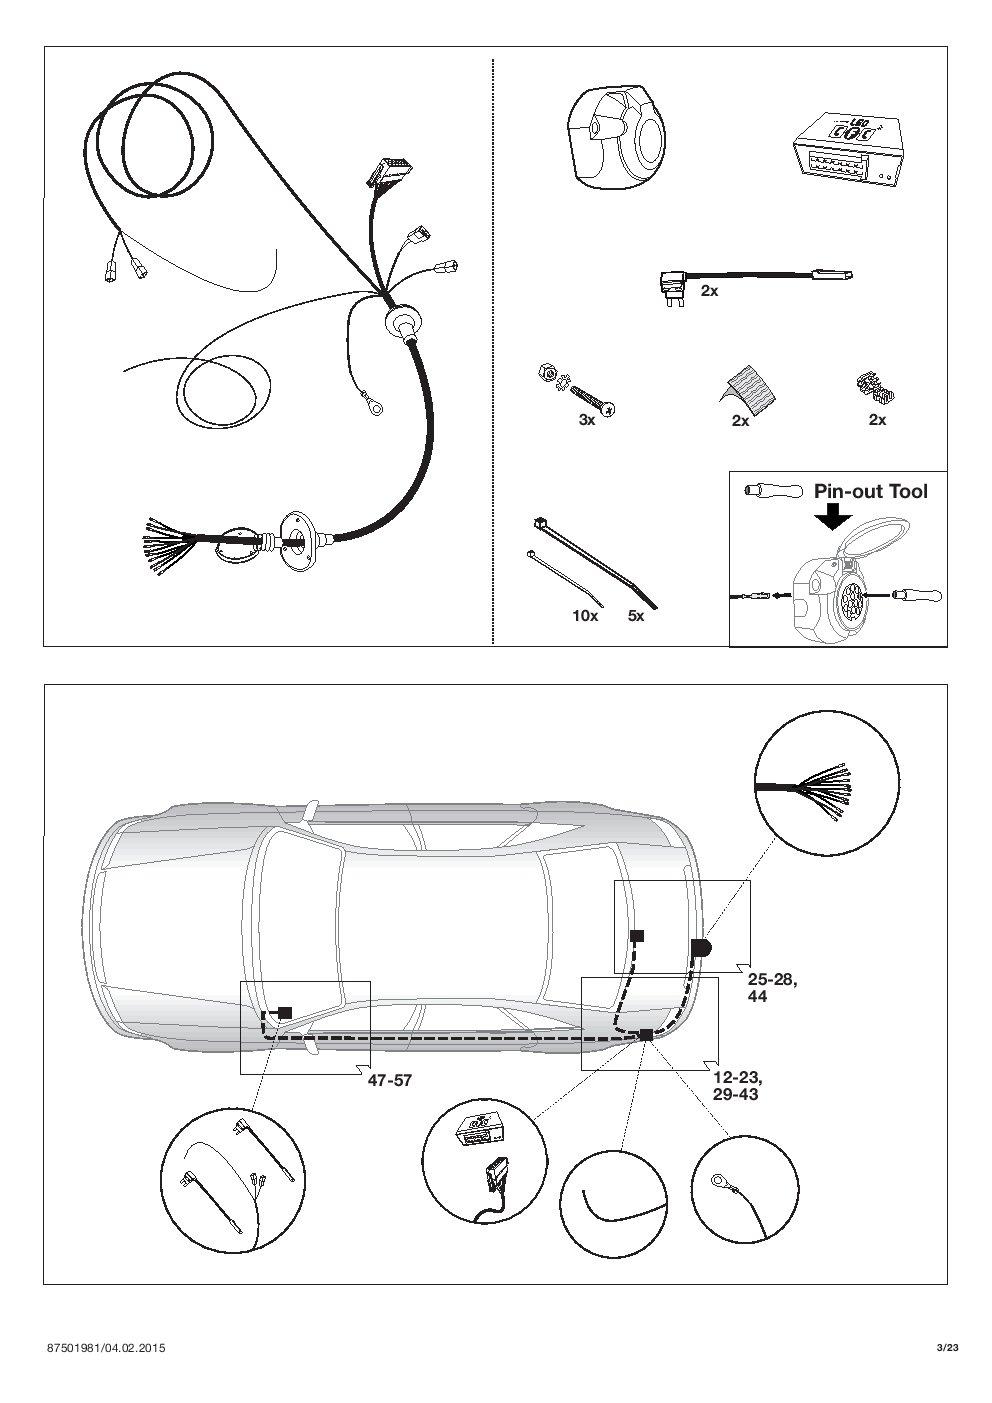 Umbra Chevrolet Cruze fliess Trasero 5türer 2011 + Remolque Desmontable con 13P Índice Fischer S Juego de ut280 C or59zcm/ws21500567de3: Amazon.es: Coche y ...